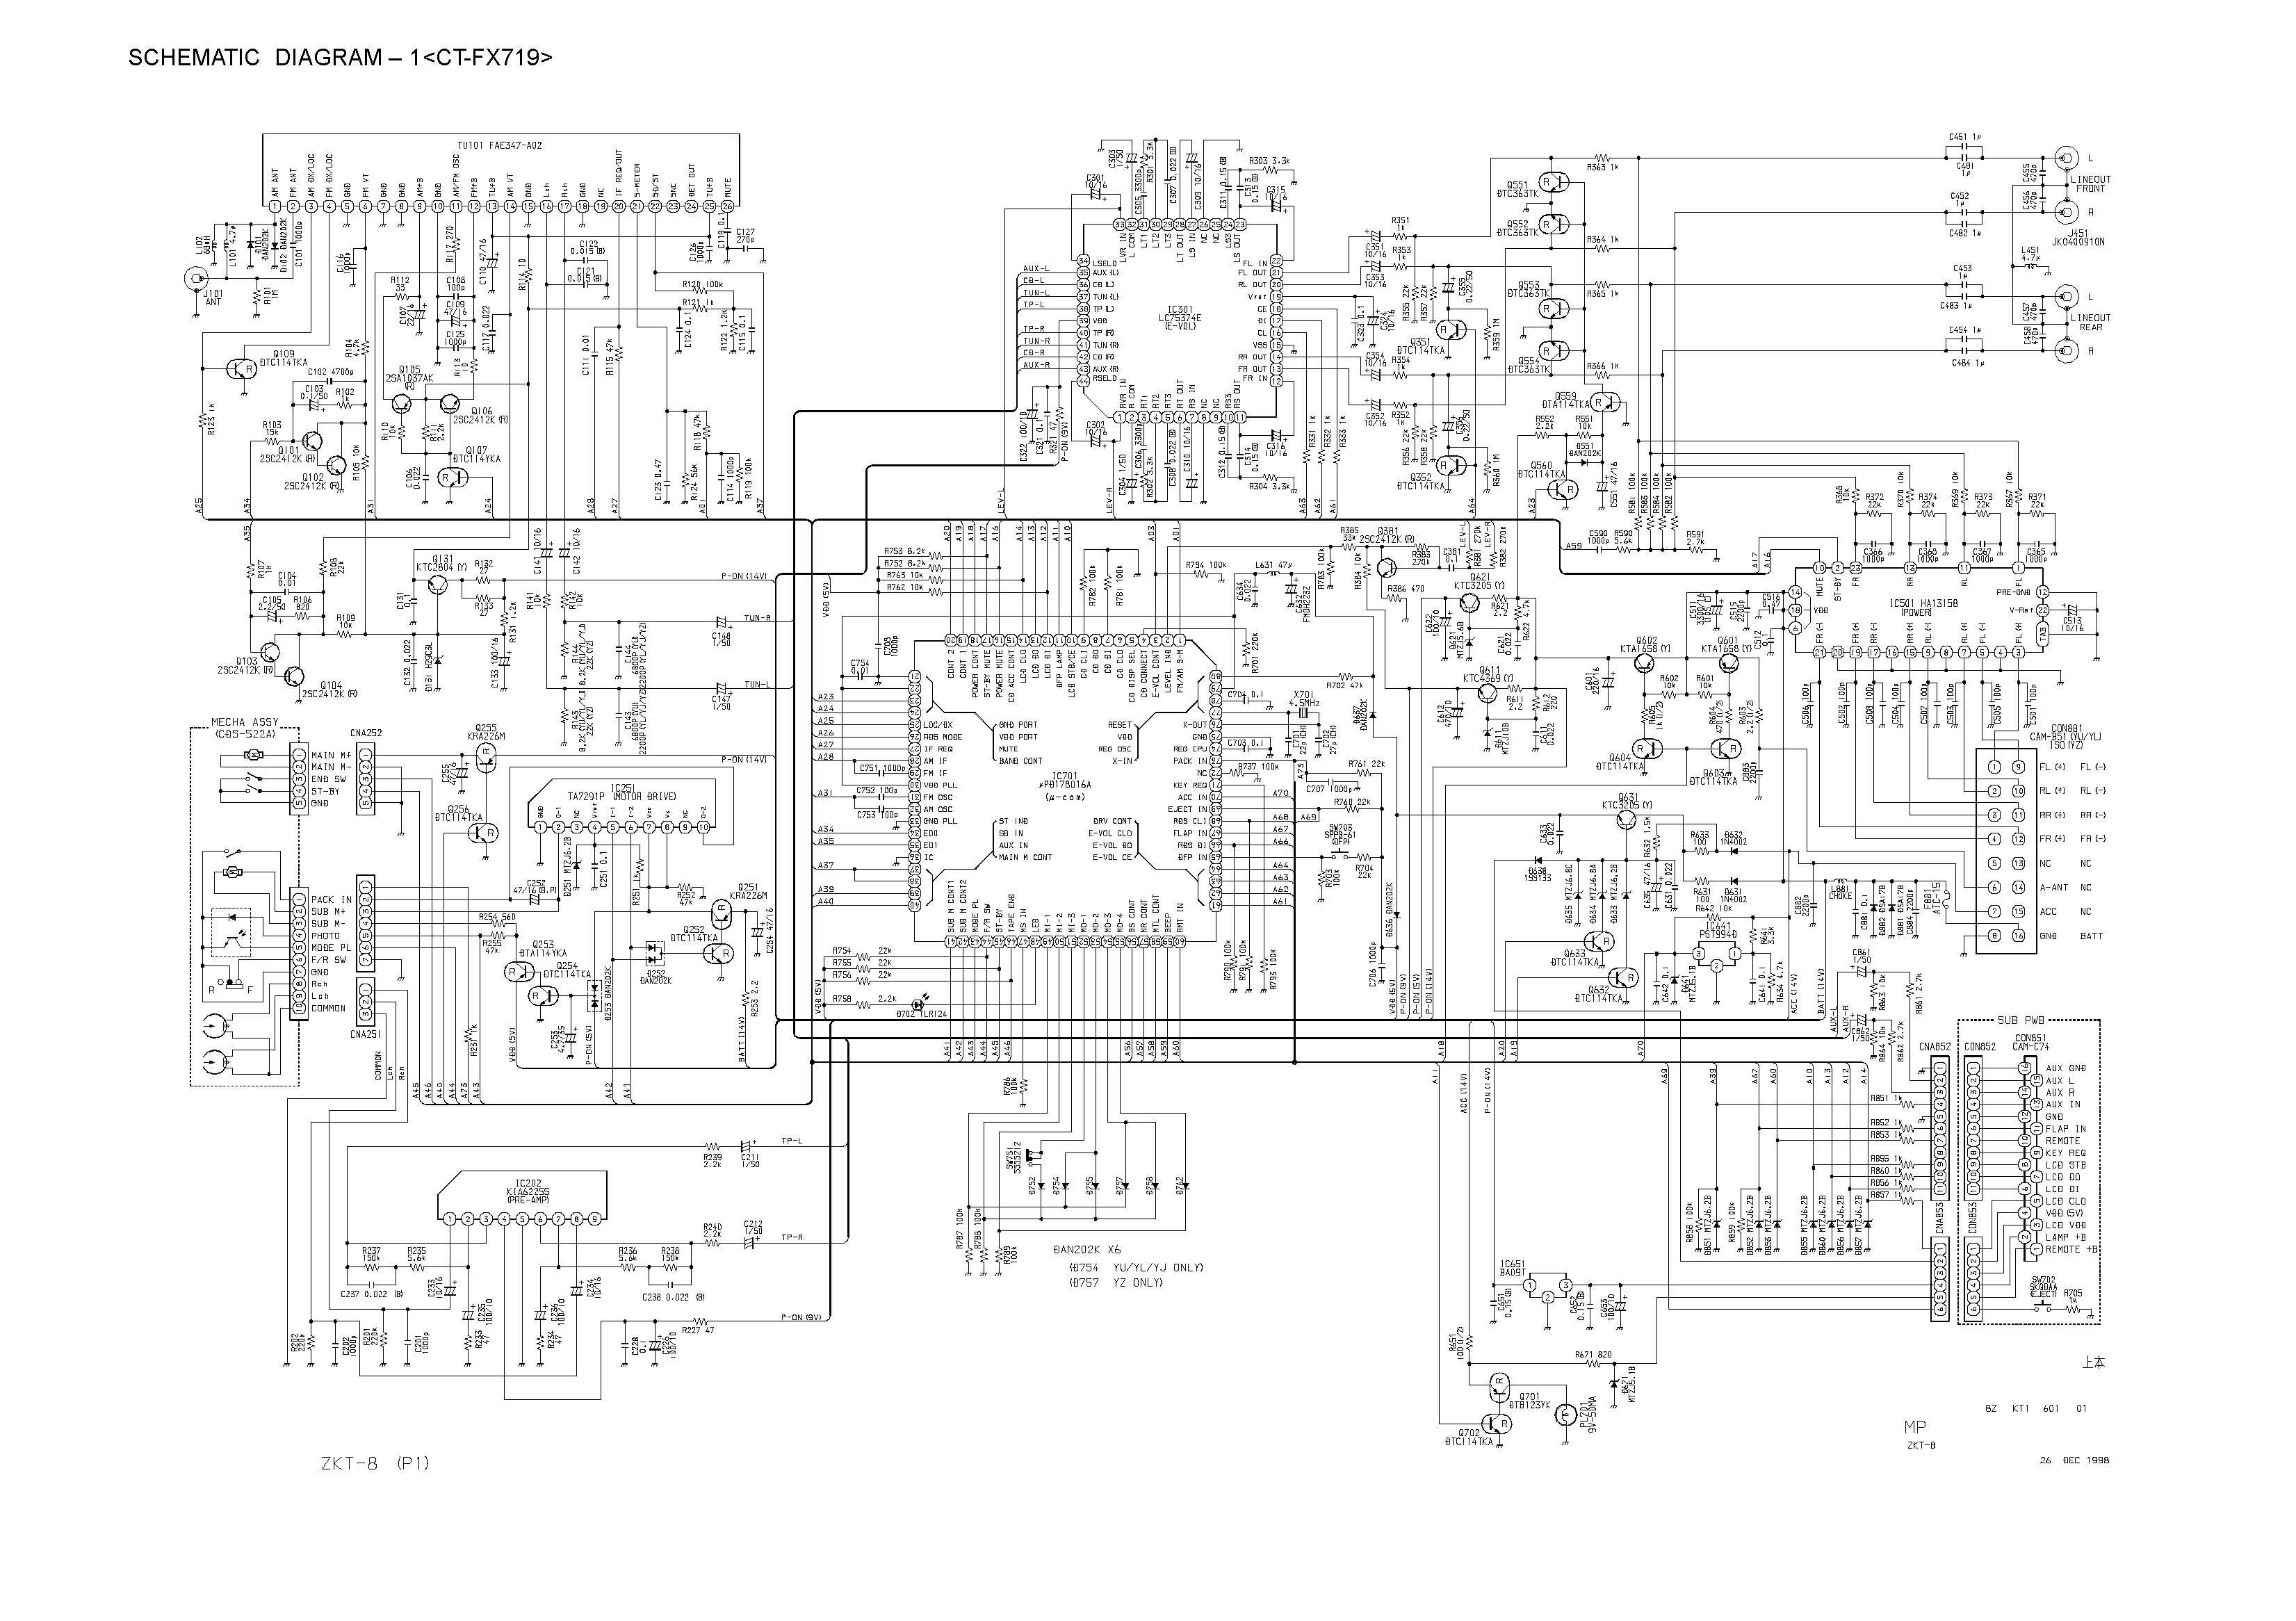 Mag Lcd Monitor Manual Free Download